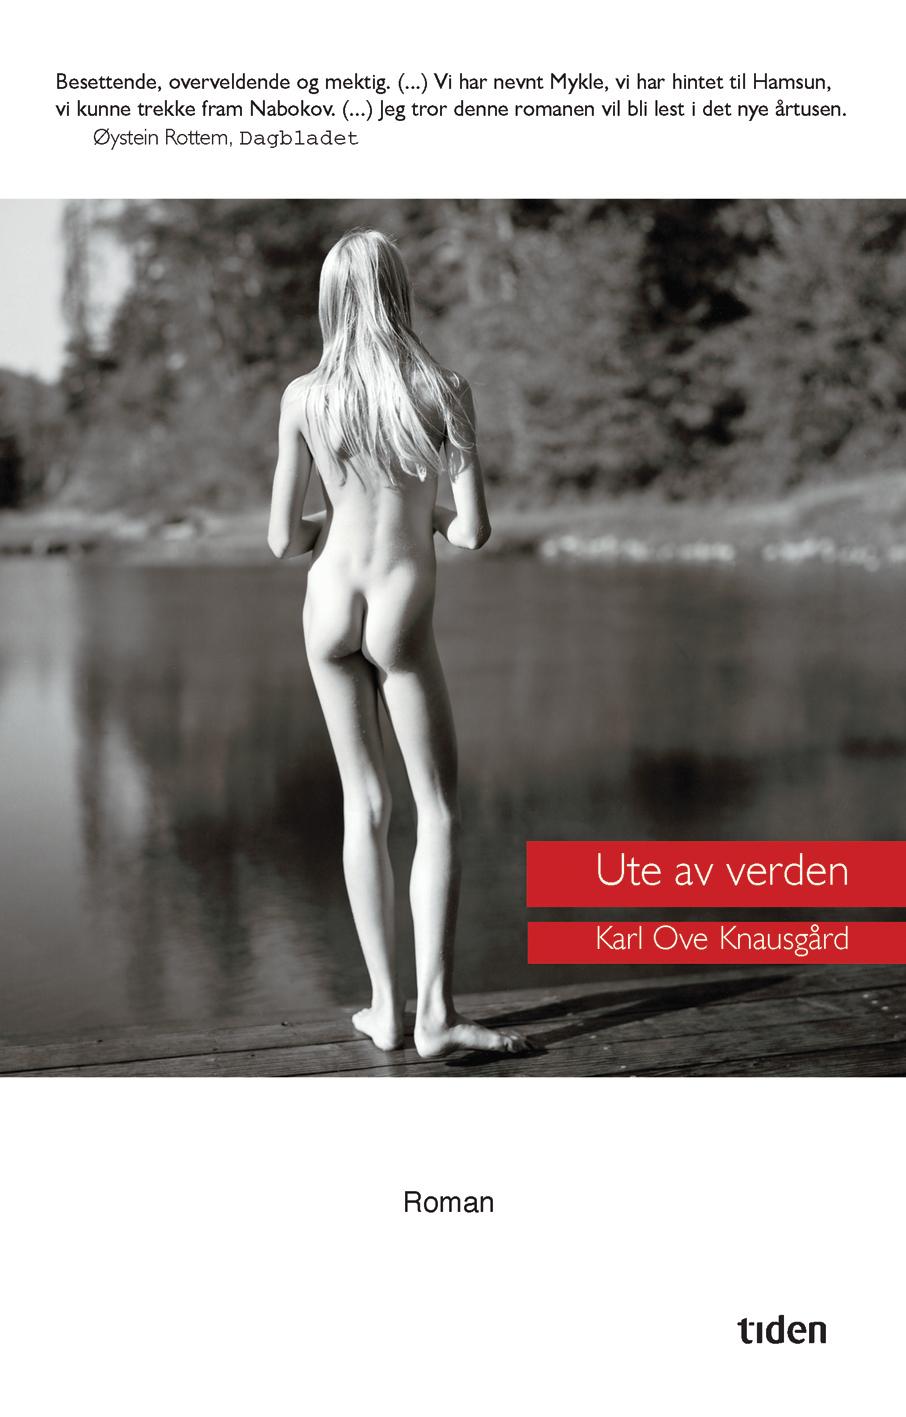 Karl Ove Knausgårds Ute av verden (Tiden, 1998).